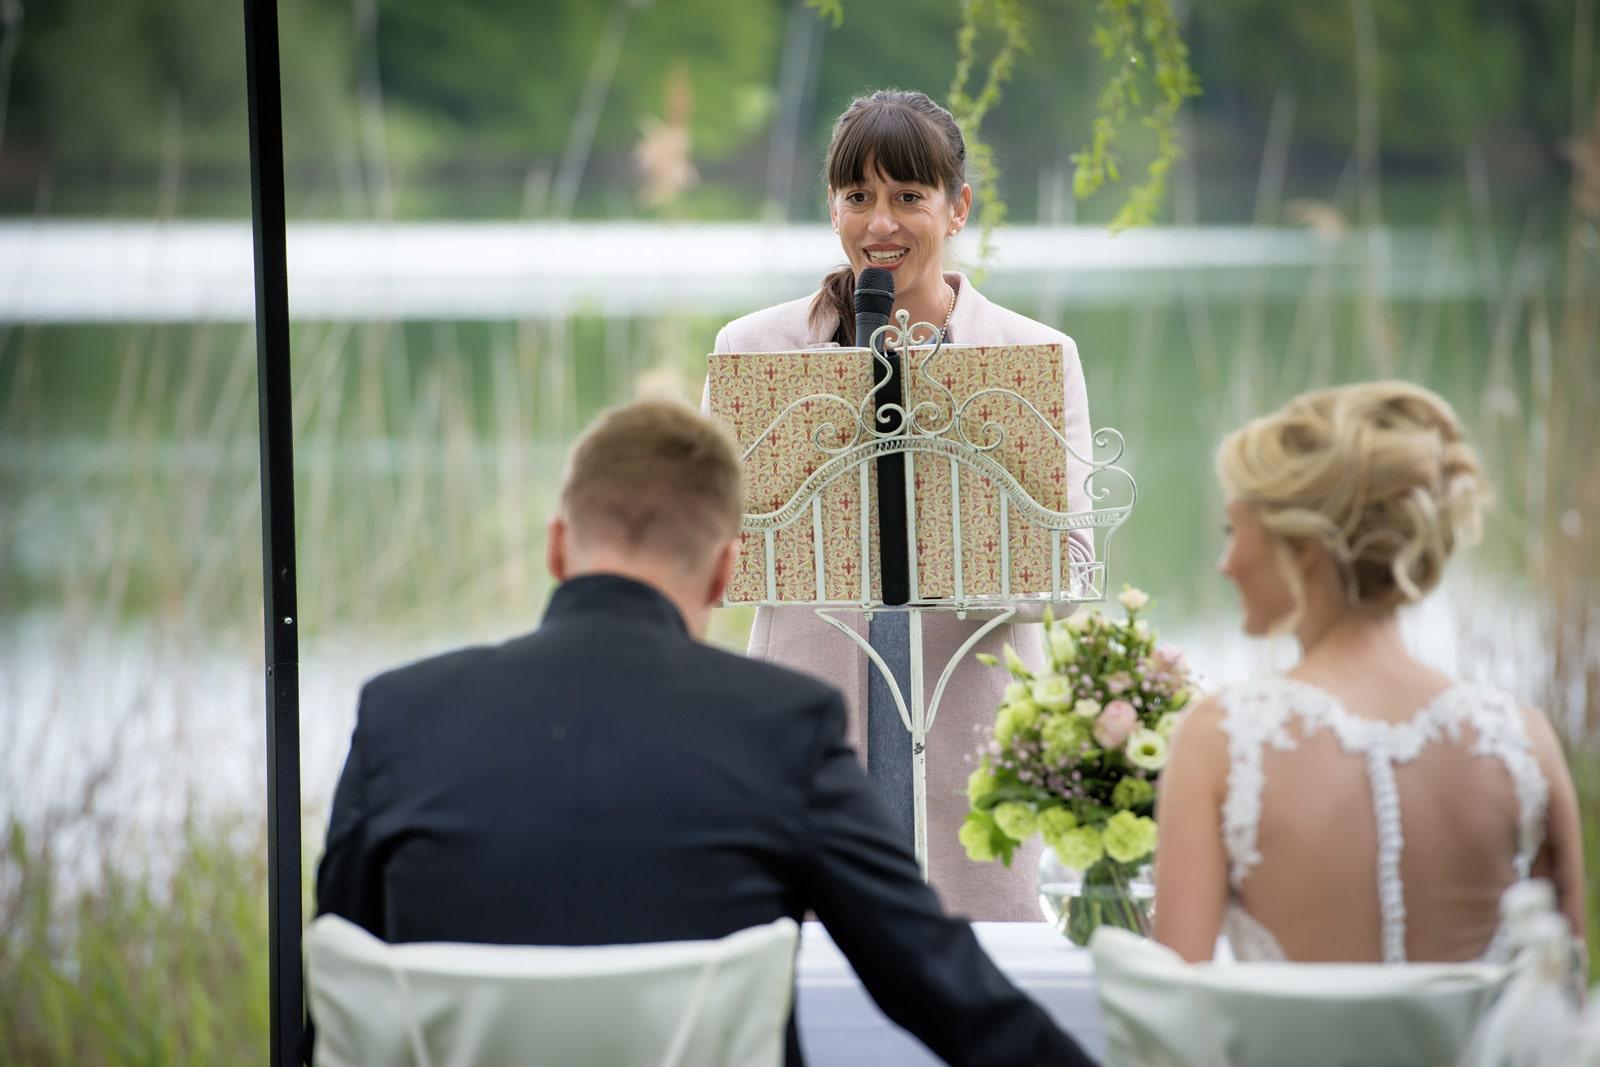 Freie Trauungen und Eheversprechen erneuern